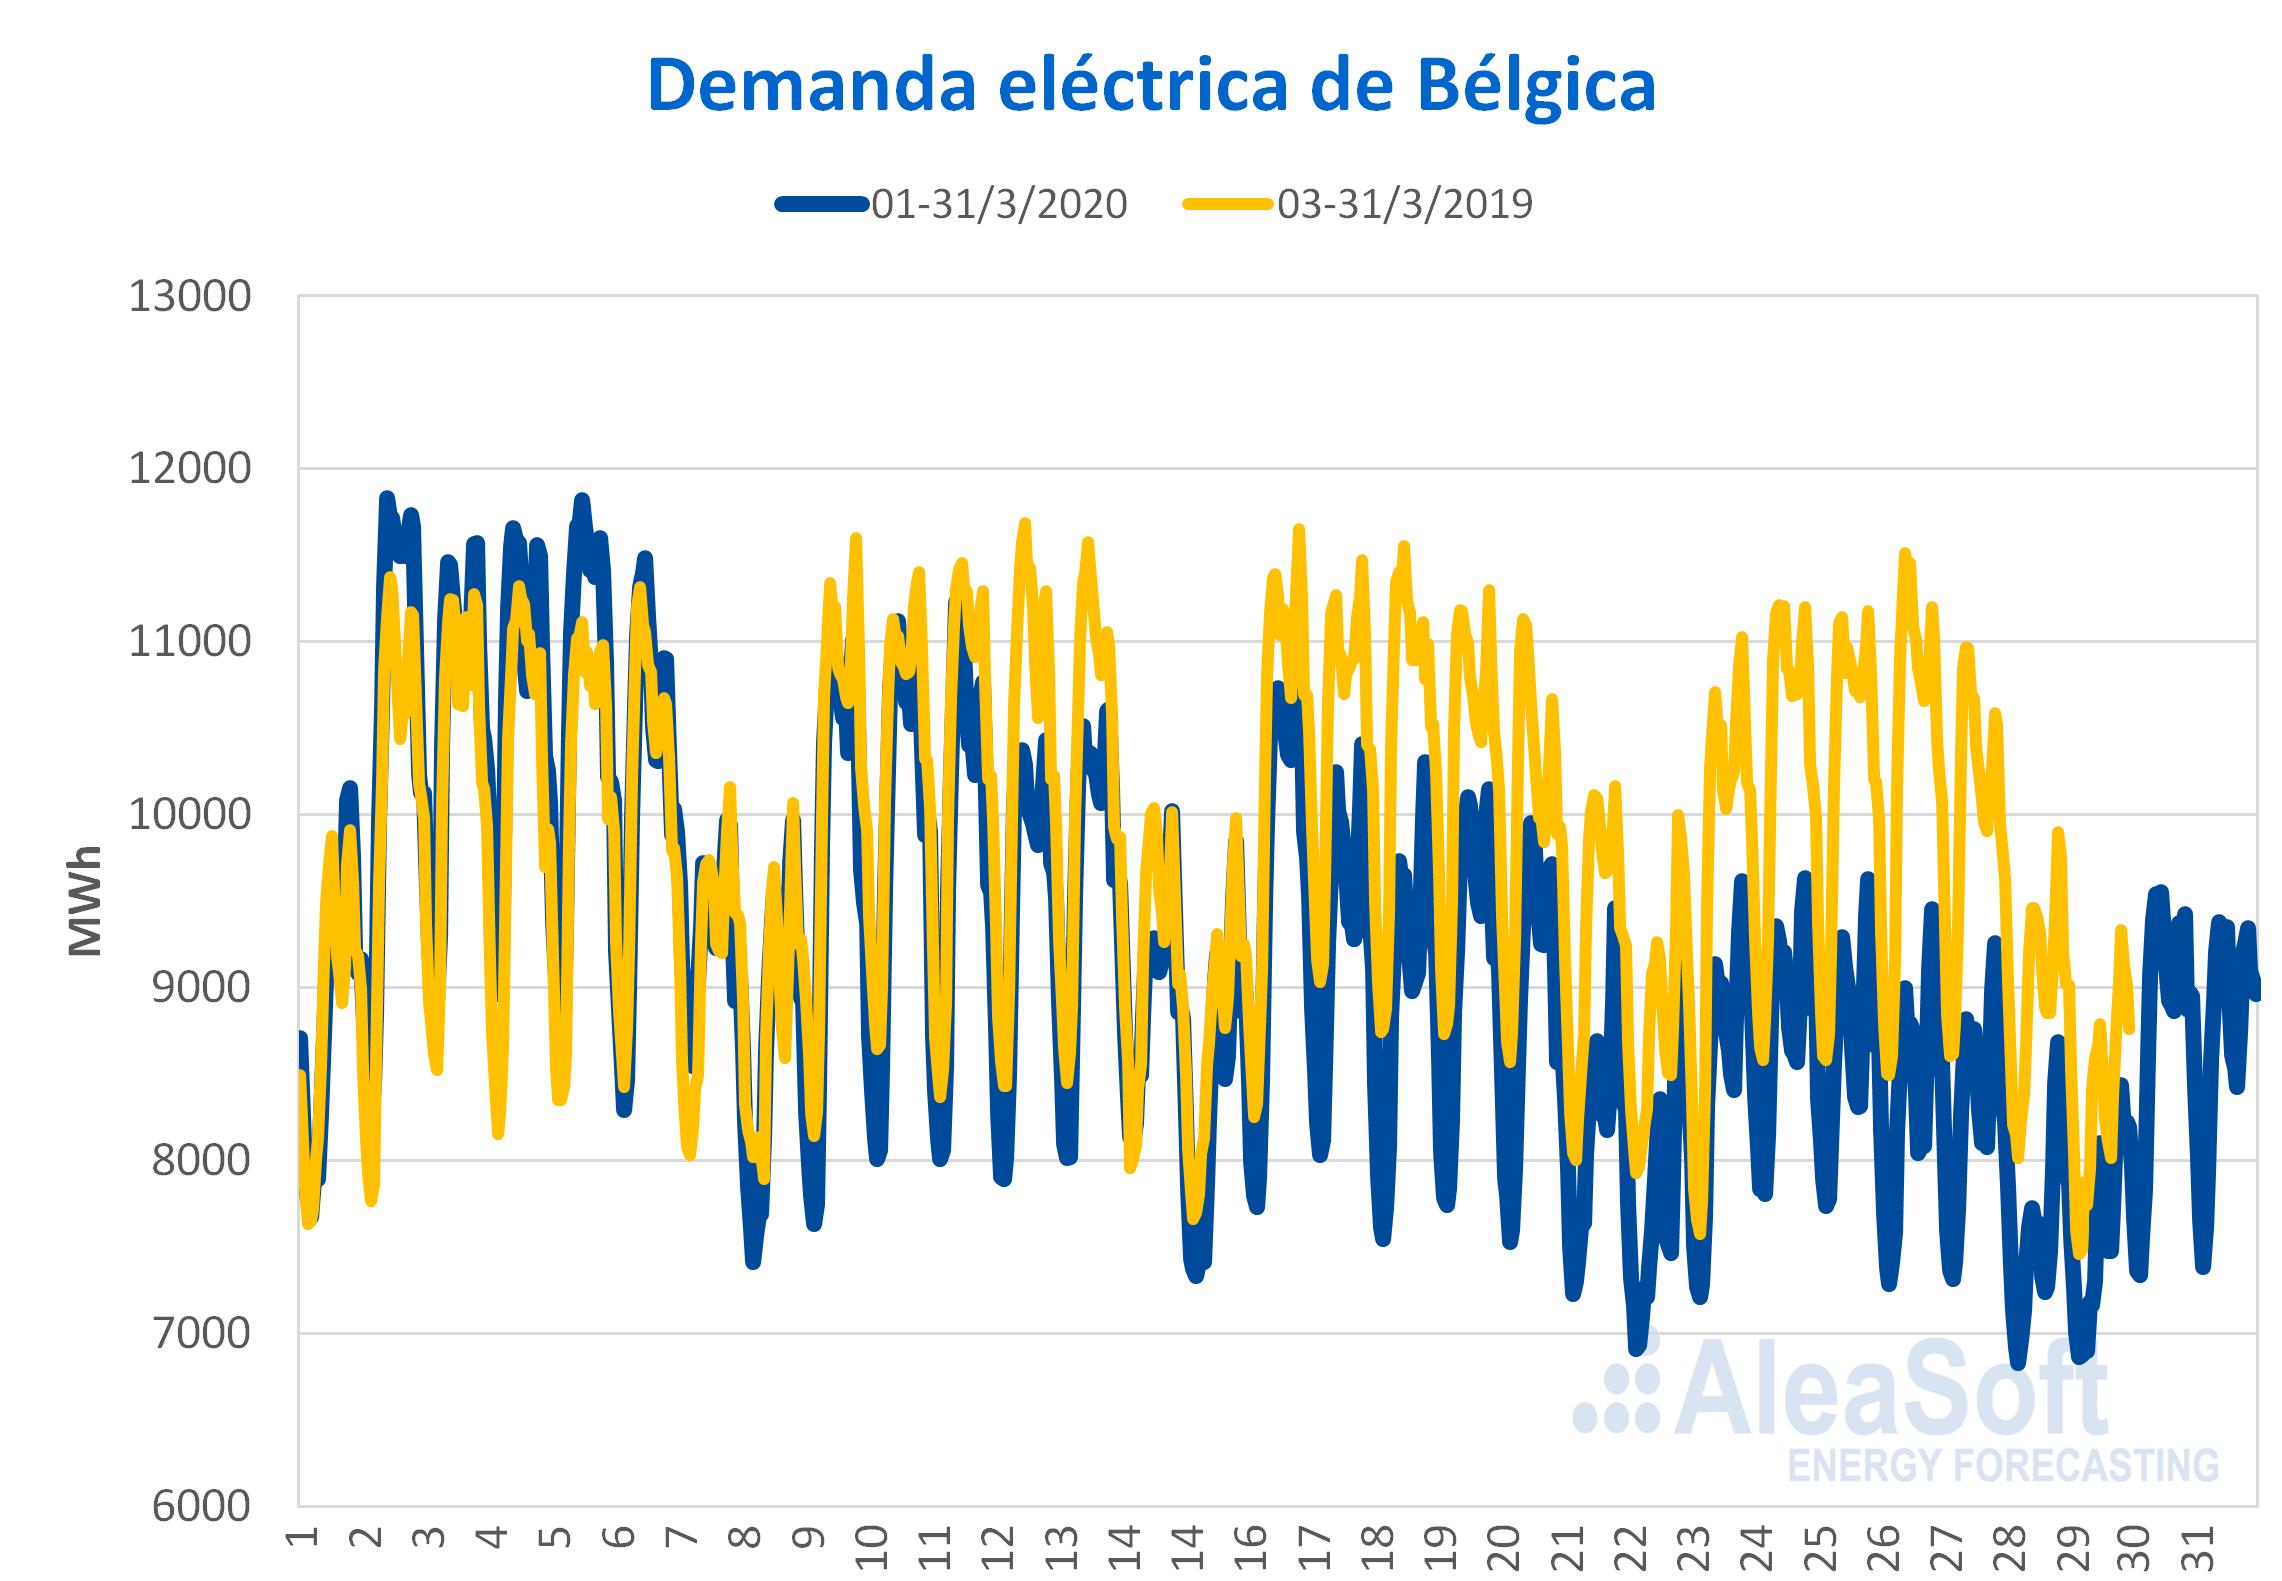 AleaSoft - Demanda electrica horaria Belgica efecto coronavirus